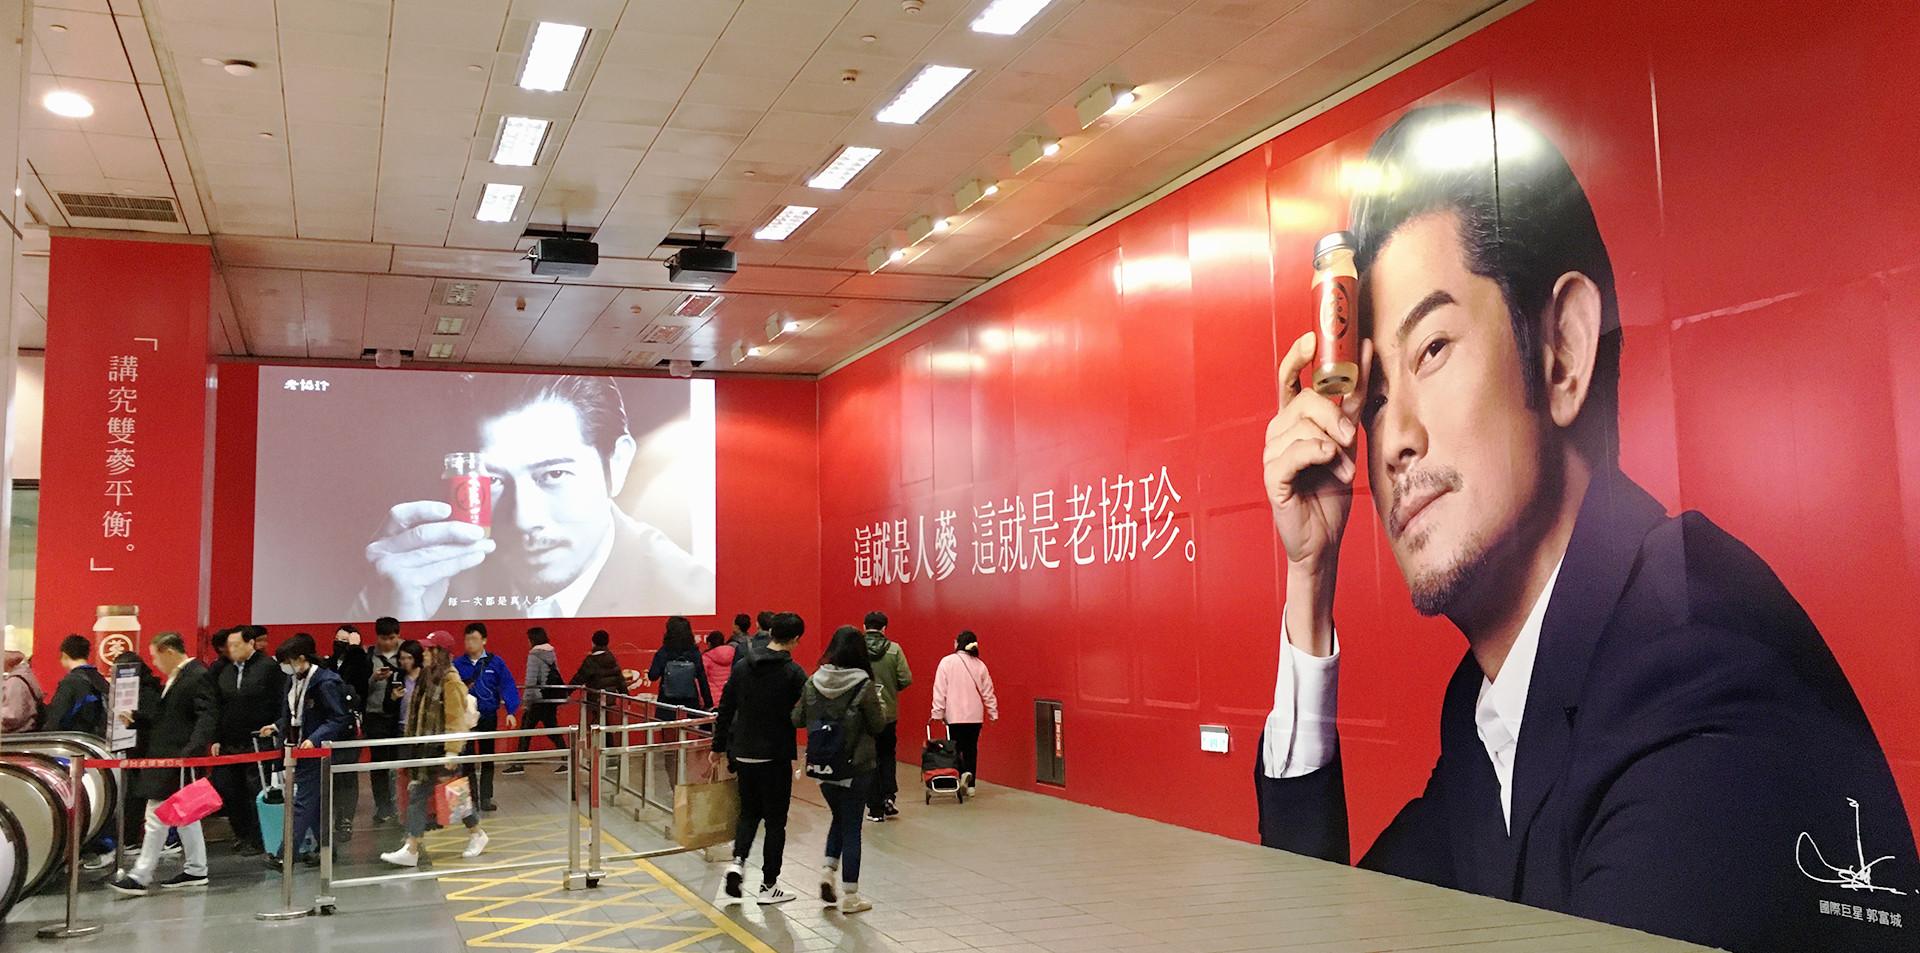 台北捷運廣告刊登  忠孝復興站 老協珍